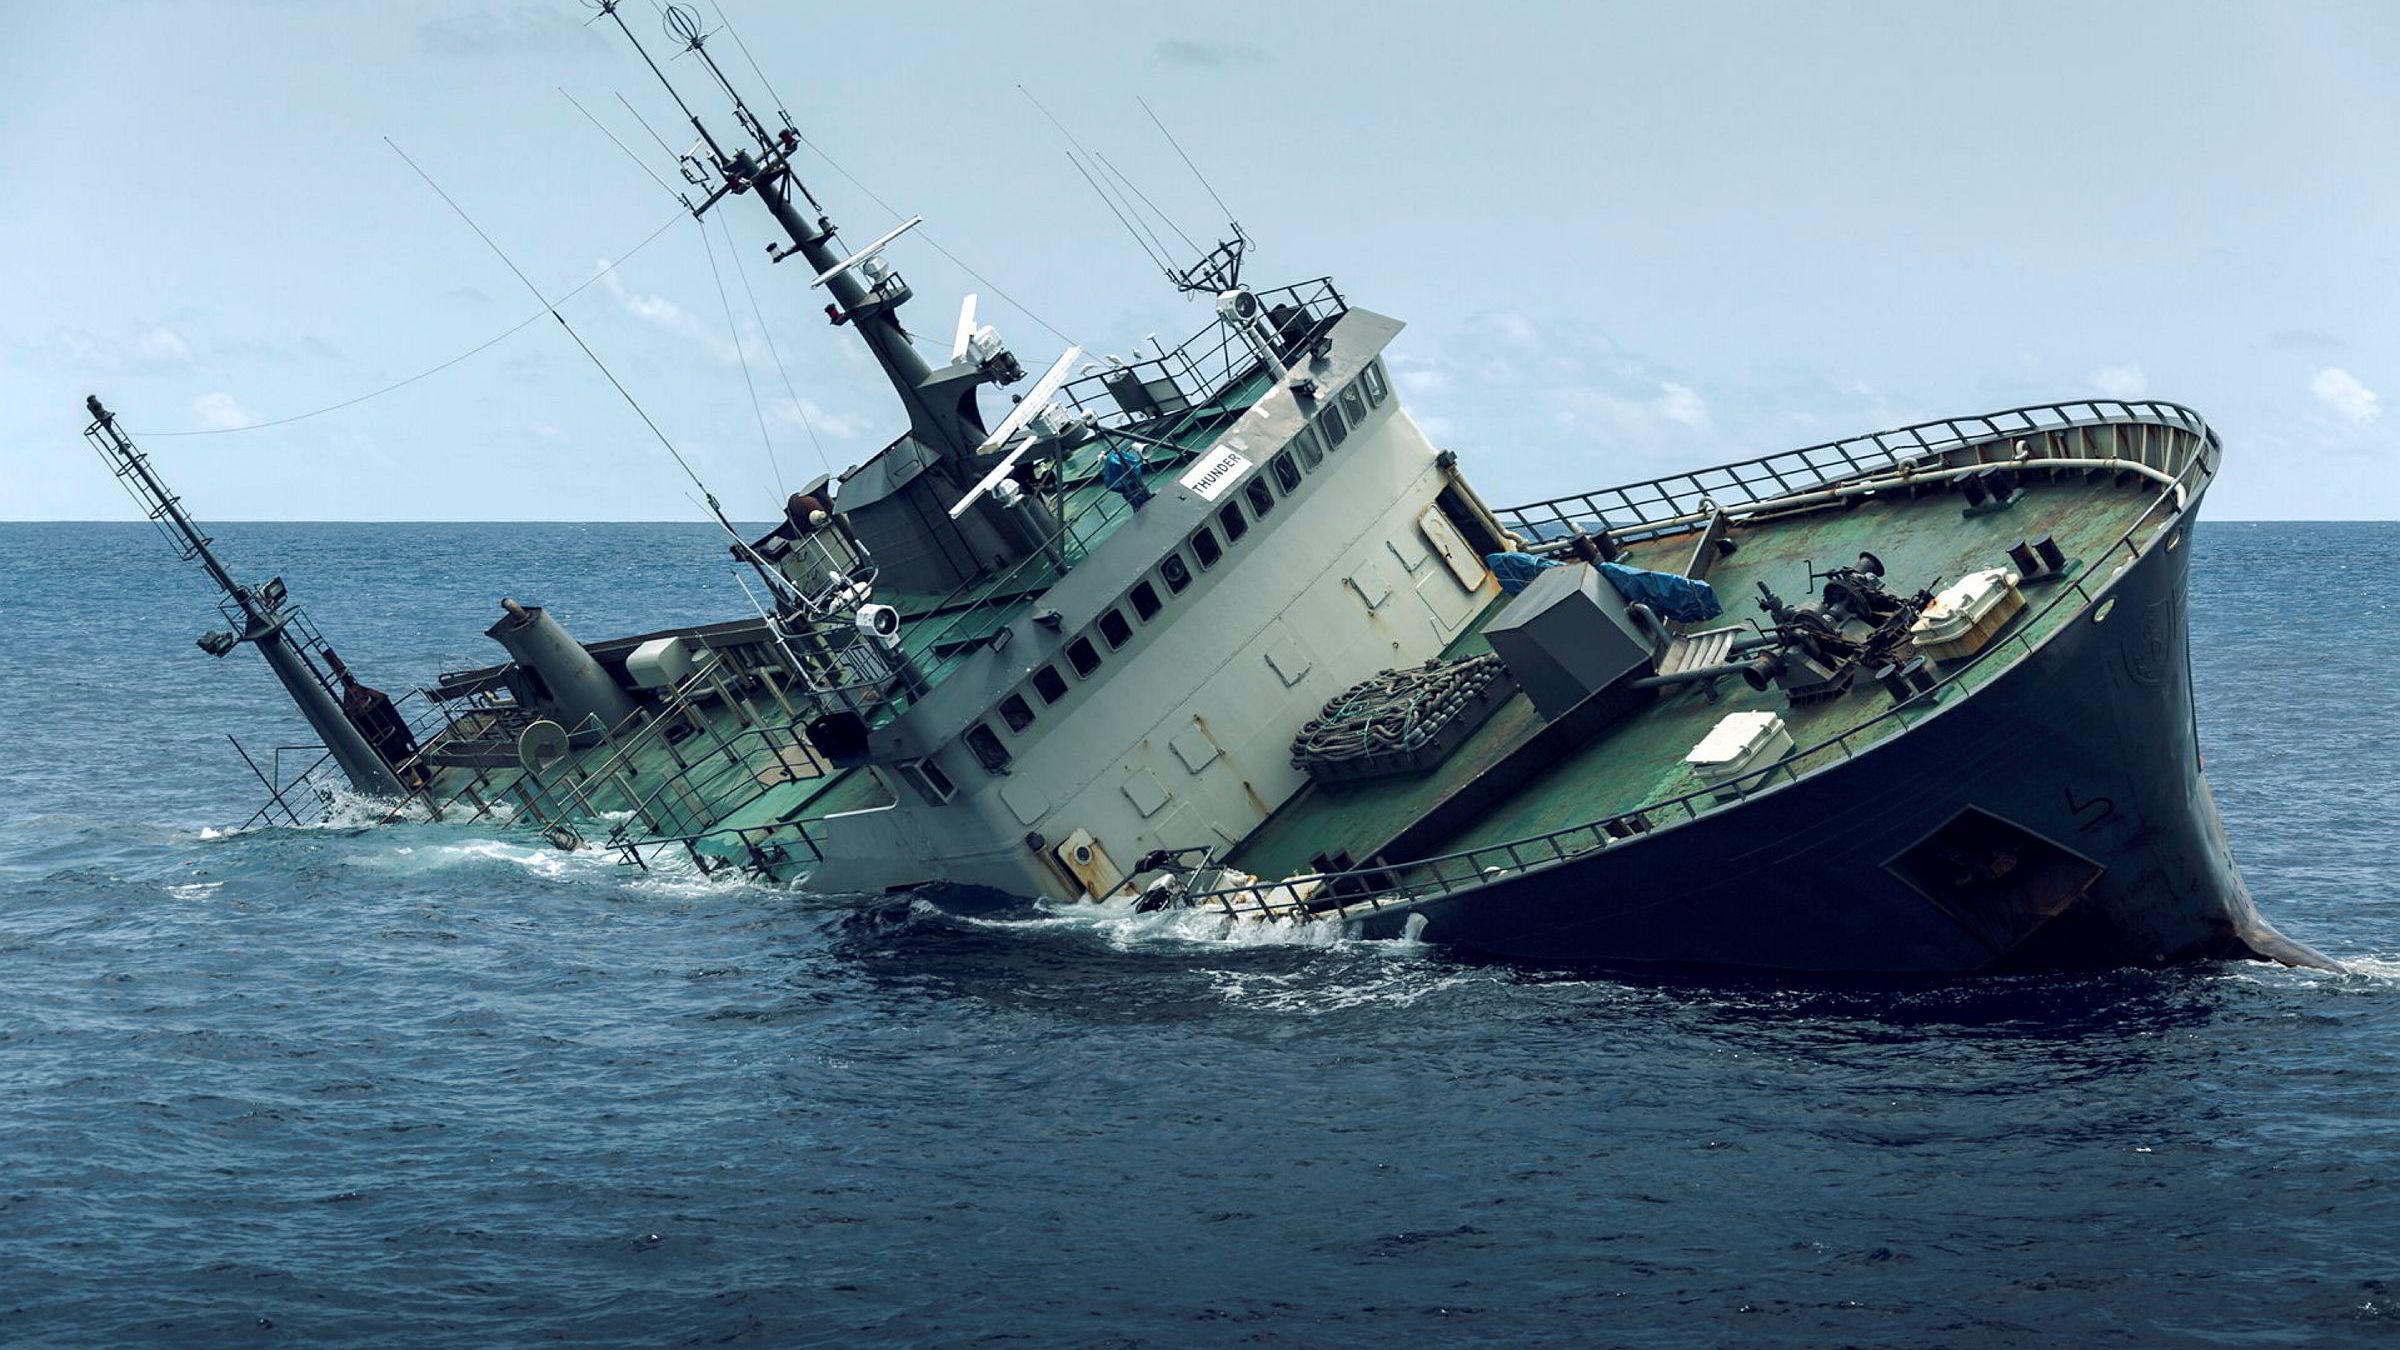 Det var klart og vindstille morgenen 6. april 2015 da «Thunder» sank i Guineabukten. Siden har jakten på skipets eier pågått.